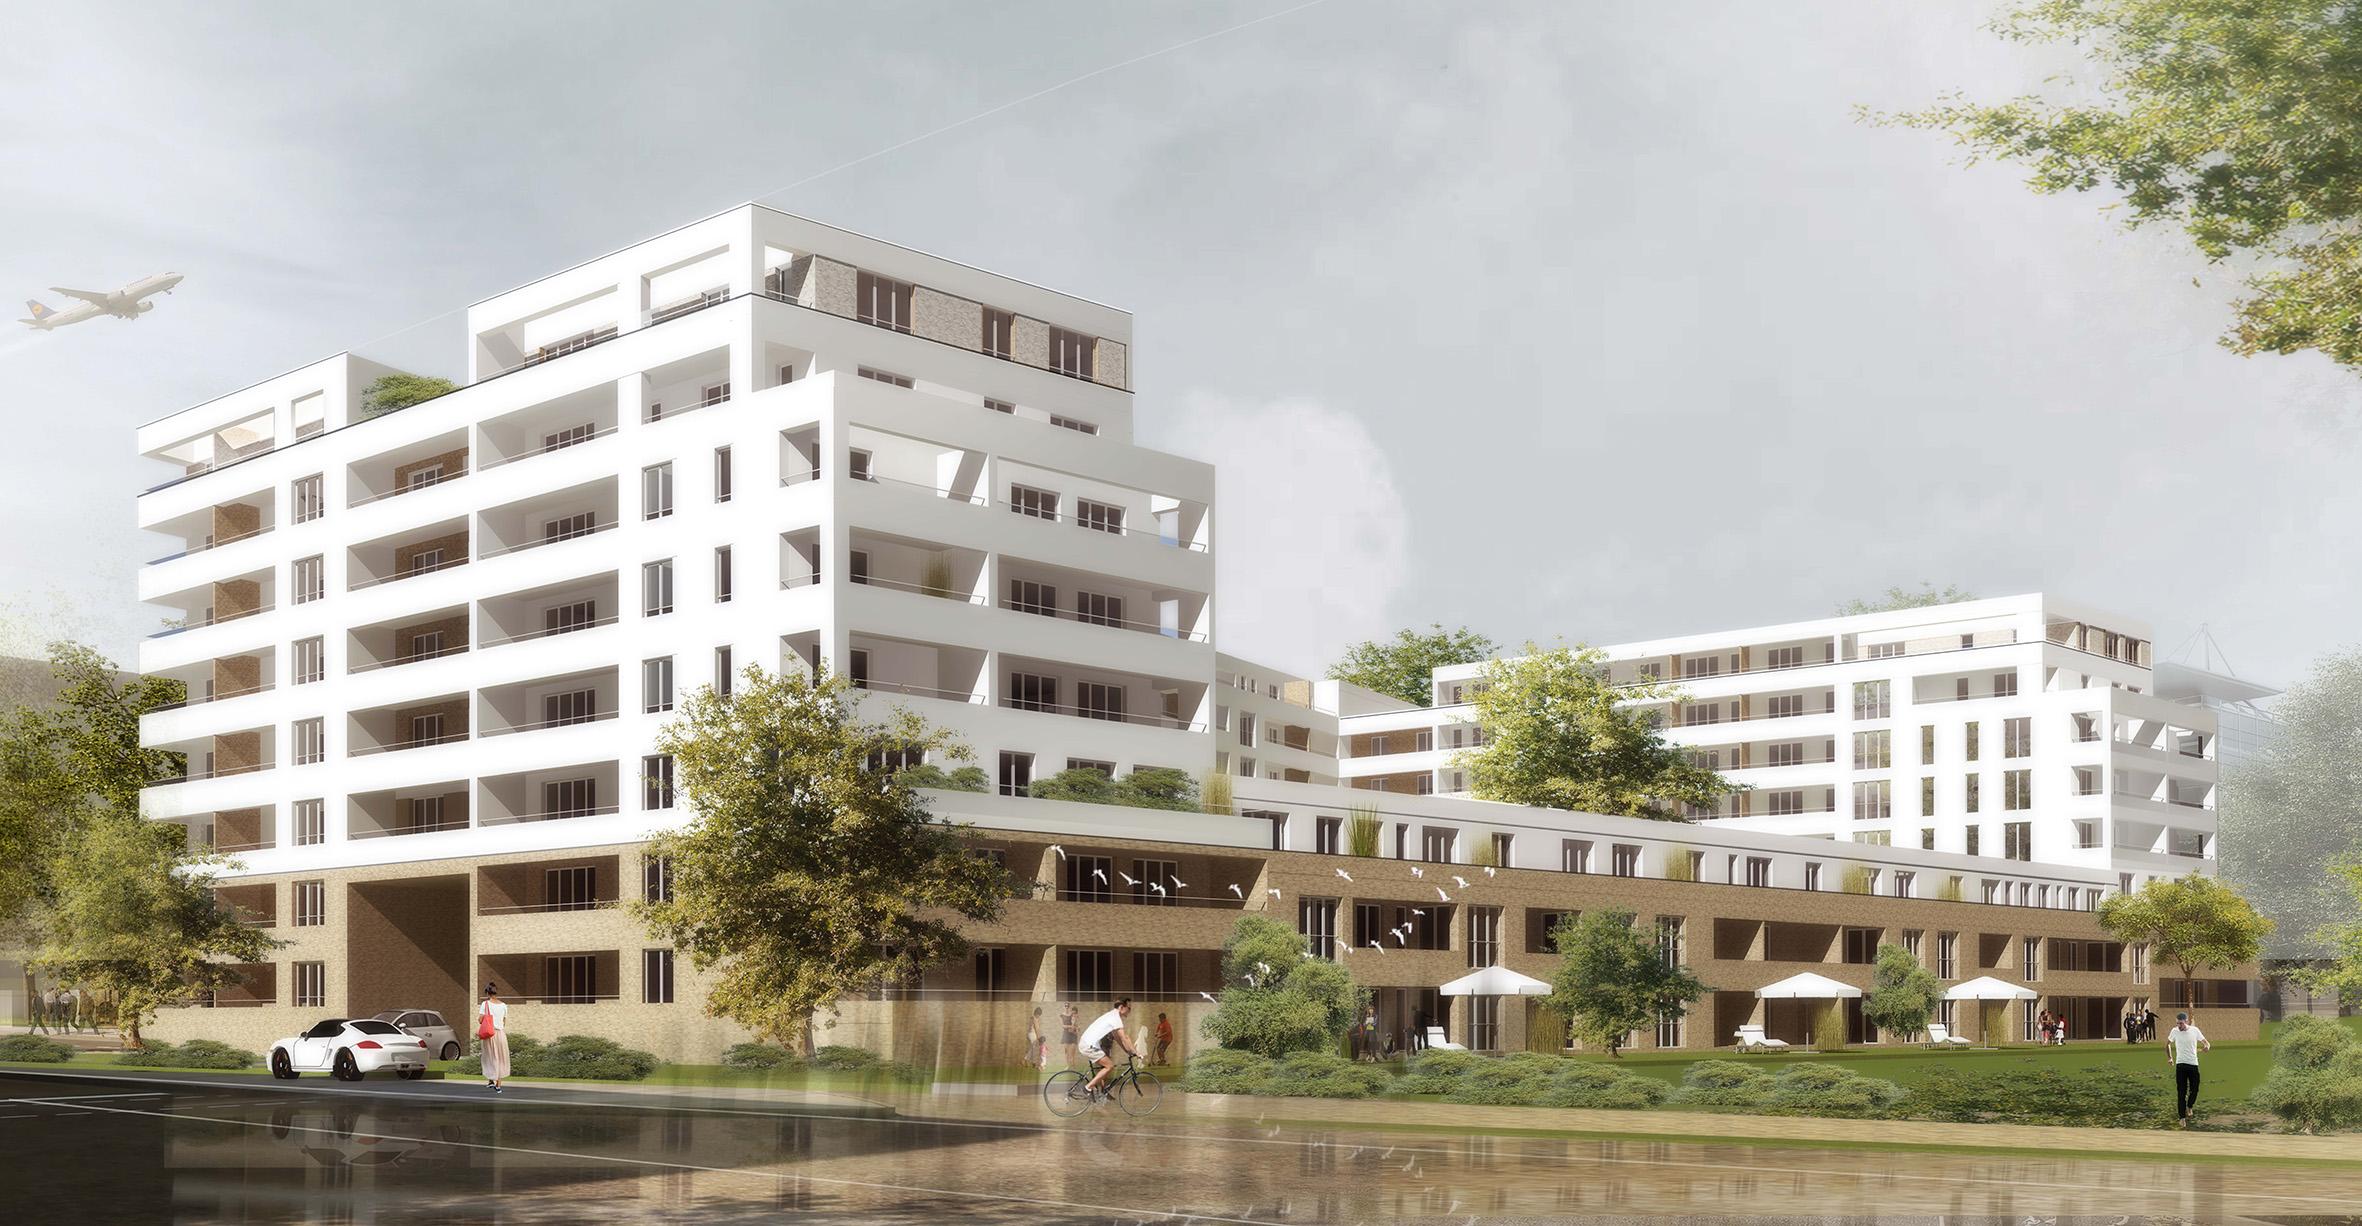 Bild: http://www.deutsches-architektur-forum.de/pics/schmittchen/hahnstrasse_48-48_neuentwicklung_2019.jpg